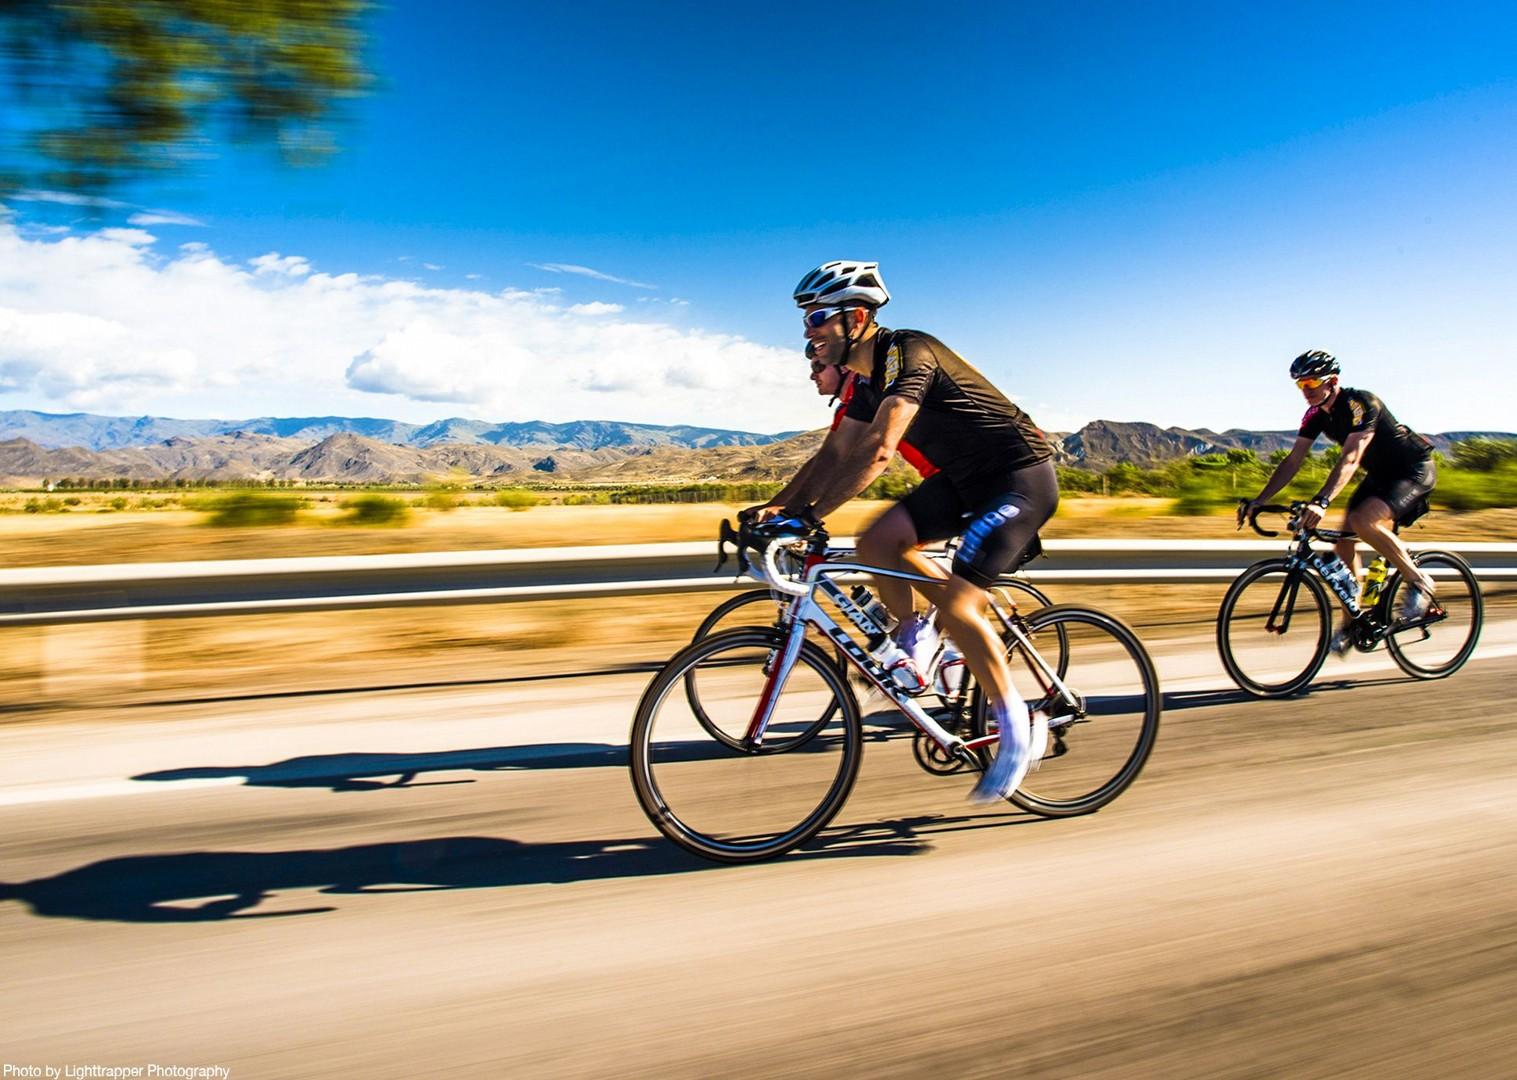 smooth-roads-cycling-vacation-ronda-southern-spain.jpg - Southern Spain - Roads of Ronda - Guided Road Cycling Holiday - Road Cycling